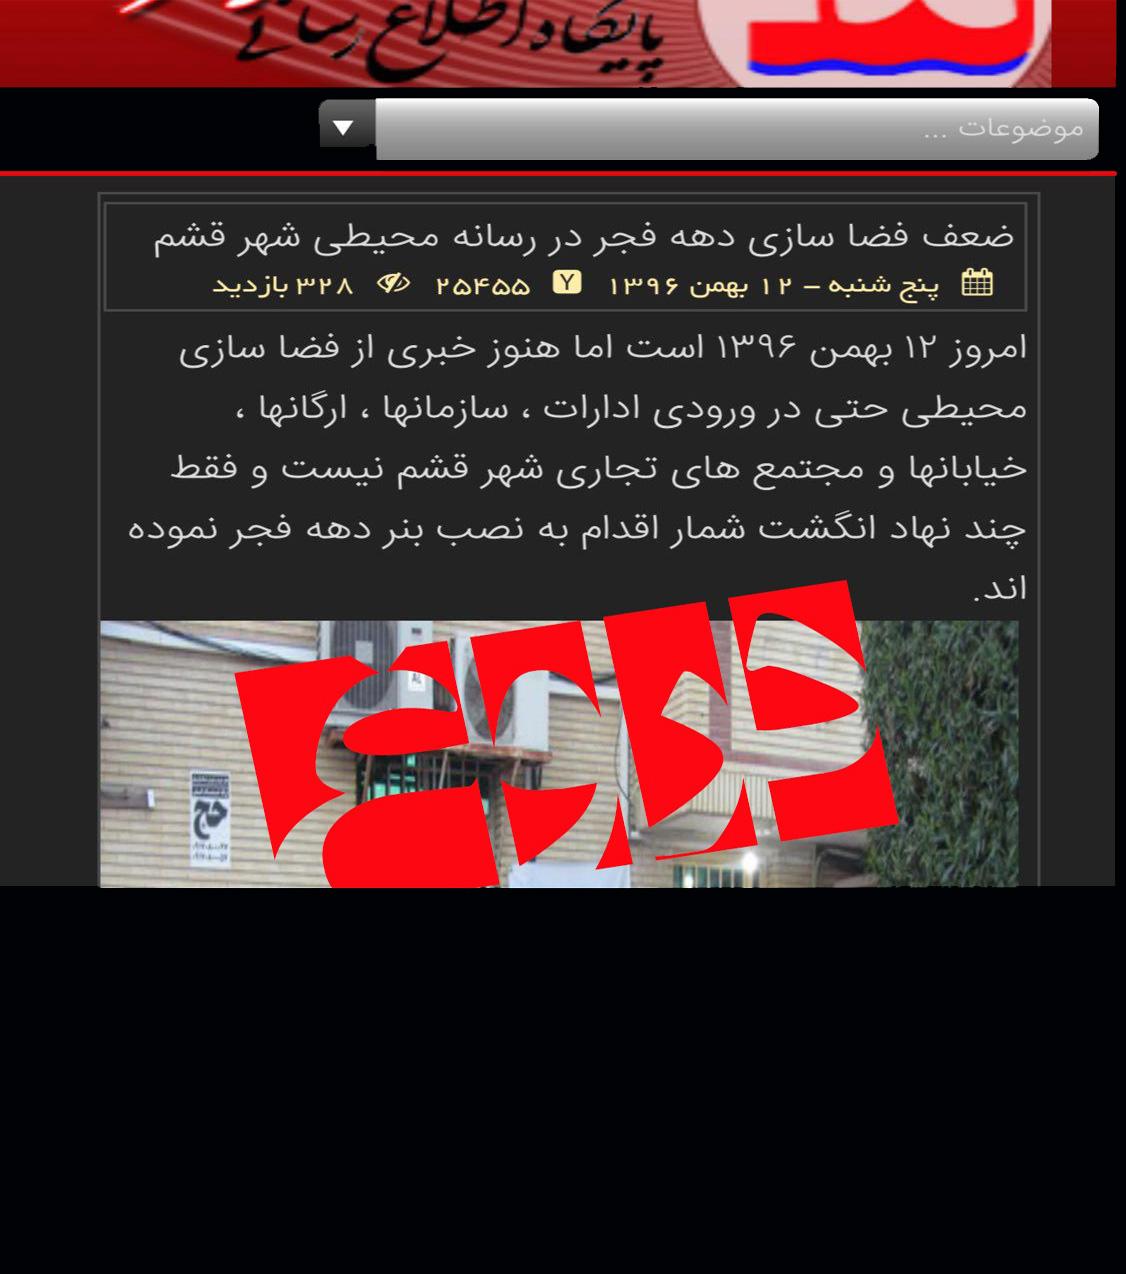 تصویر از تبلور فجر فاطمی در قشم ( + عکس ) / باید از دوستانِ به ظاهر بصیر در هراس بود